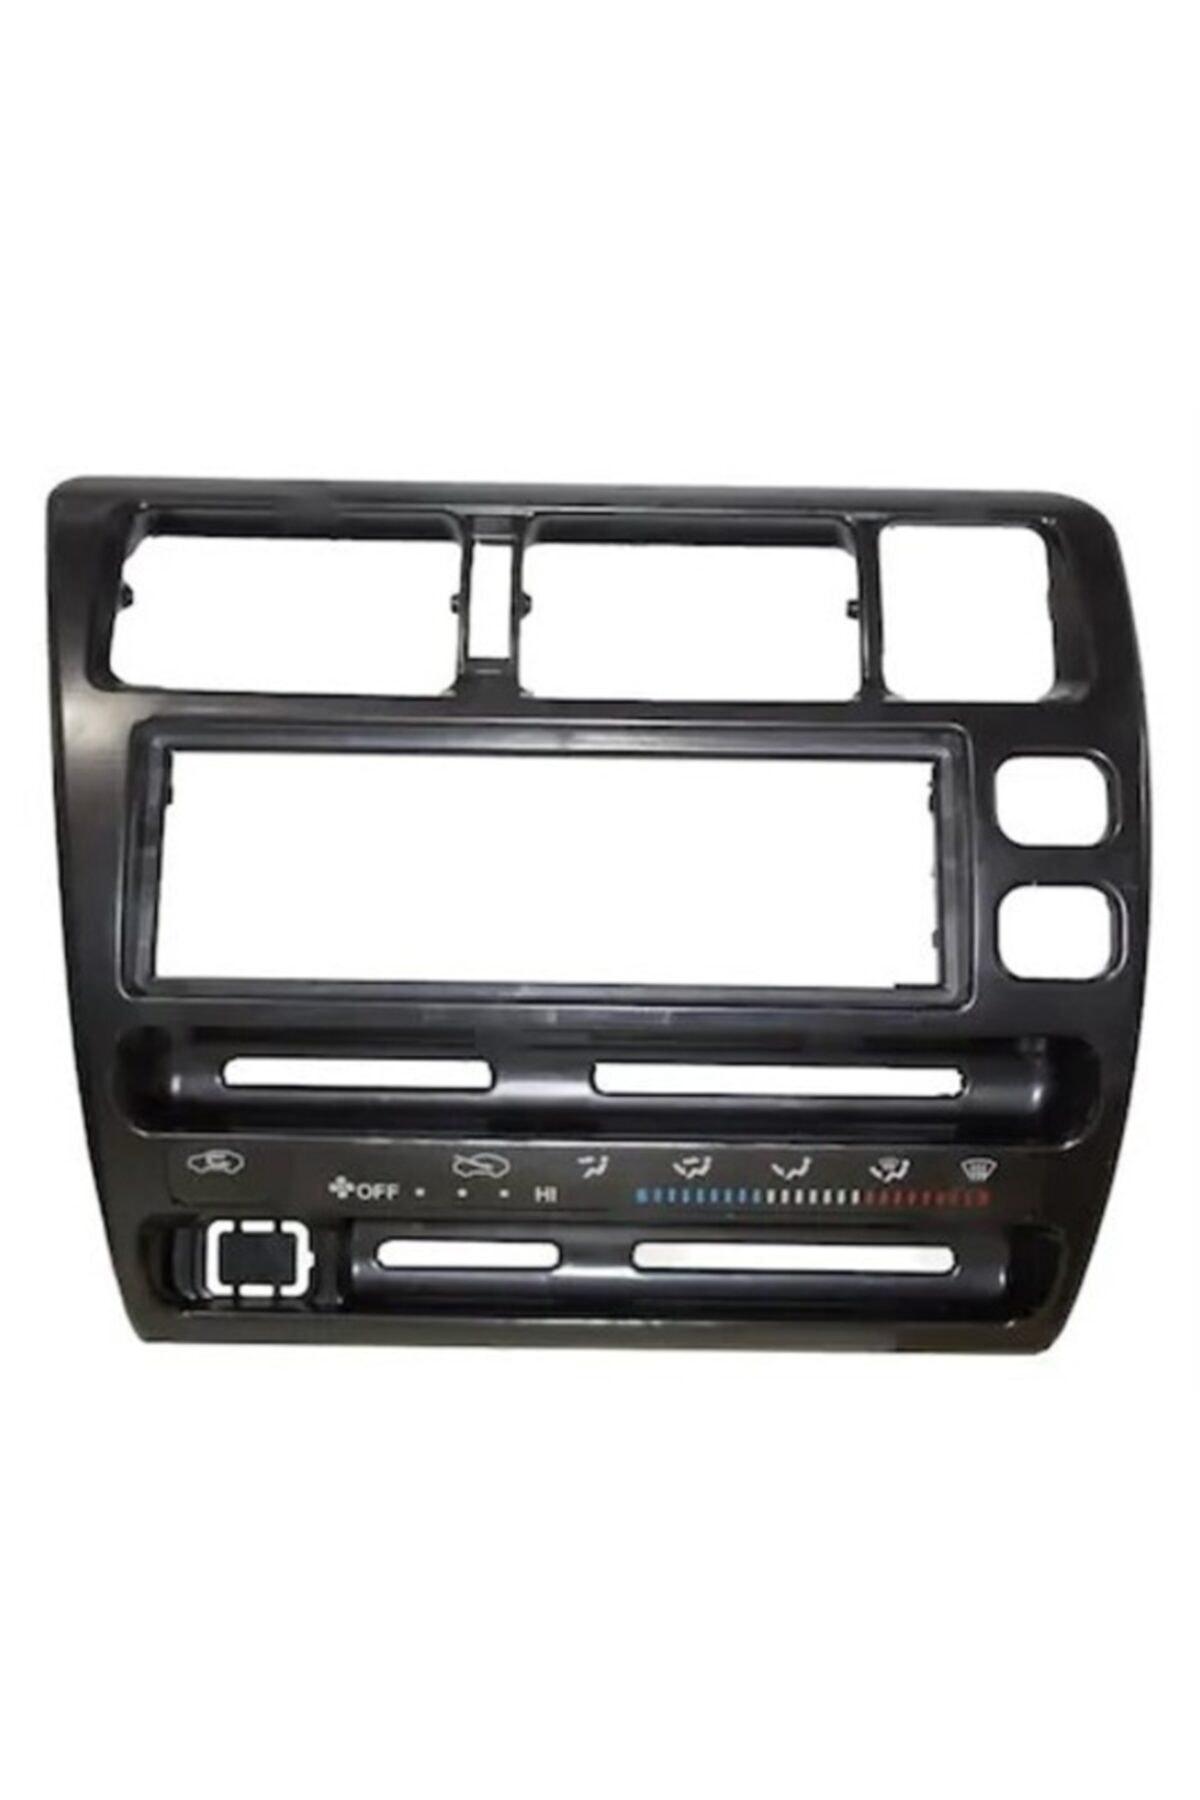 OEMPARCAAL Teyp Çerçeve Paneli Toyota Corolla Ar92-ae101 55405-12690 1